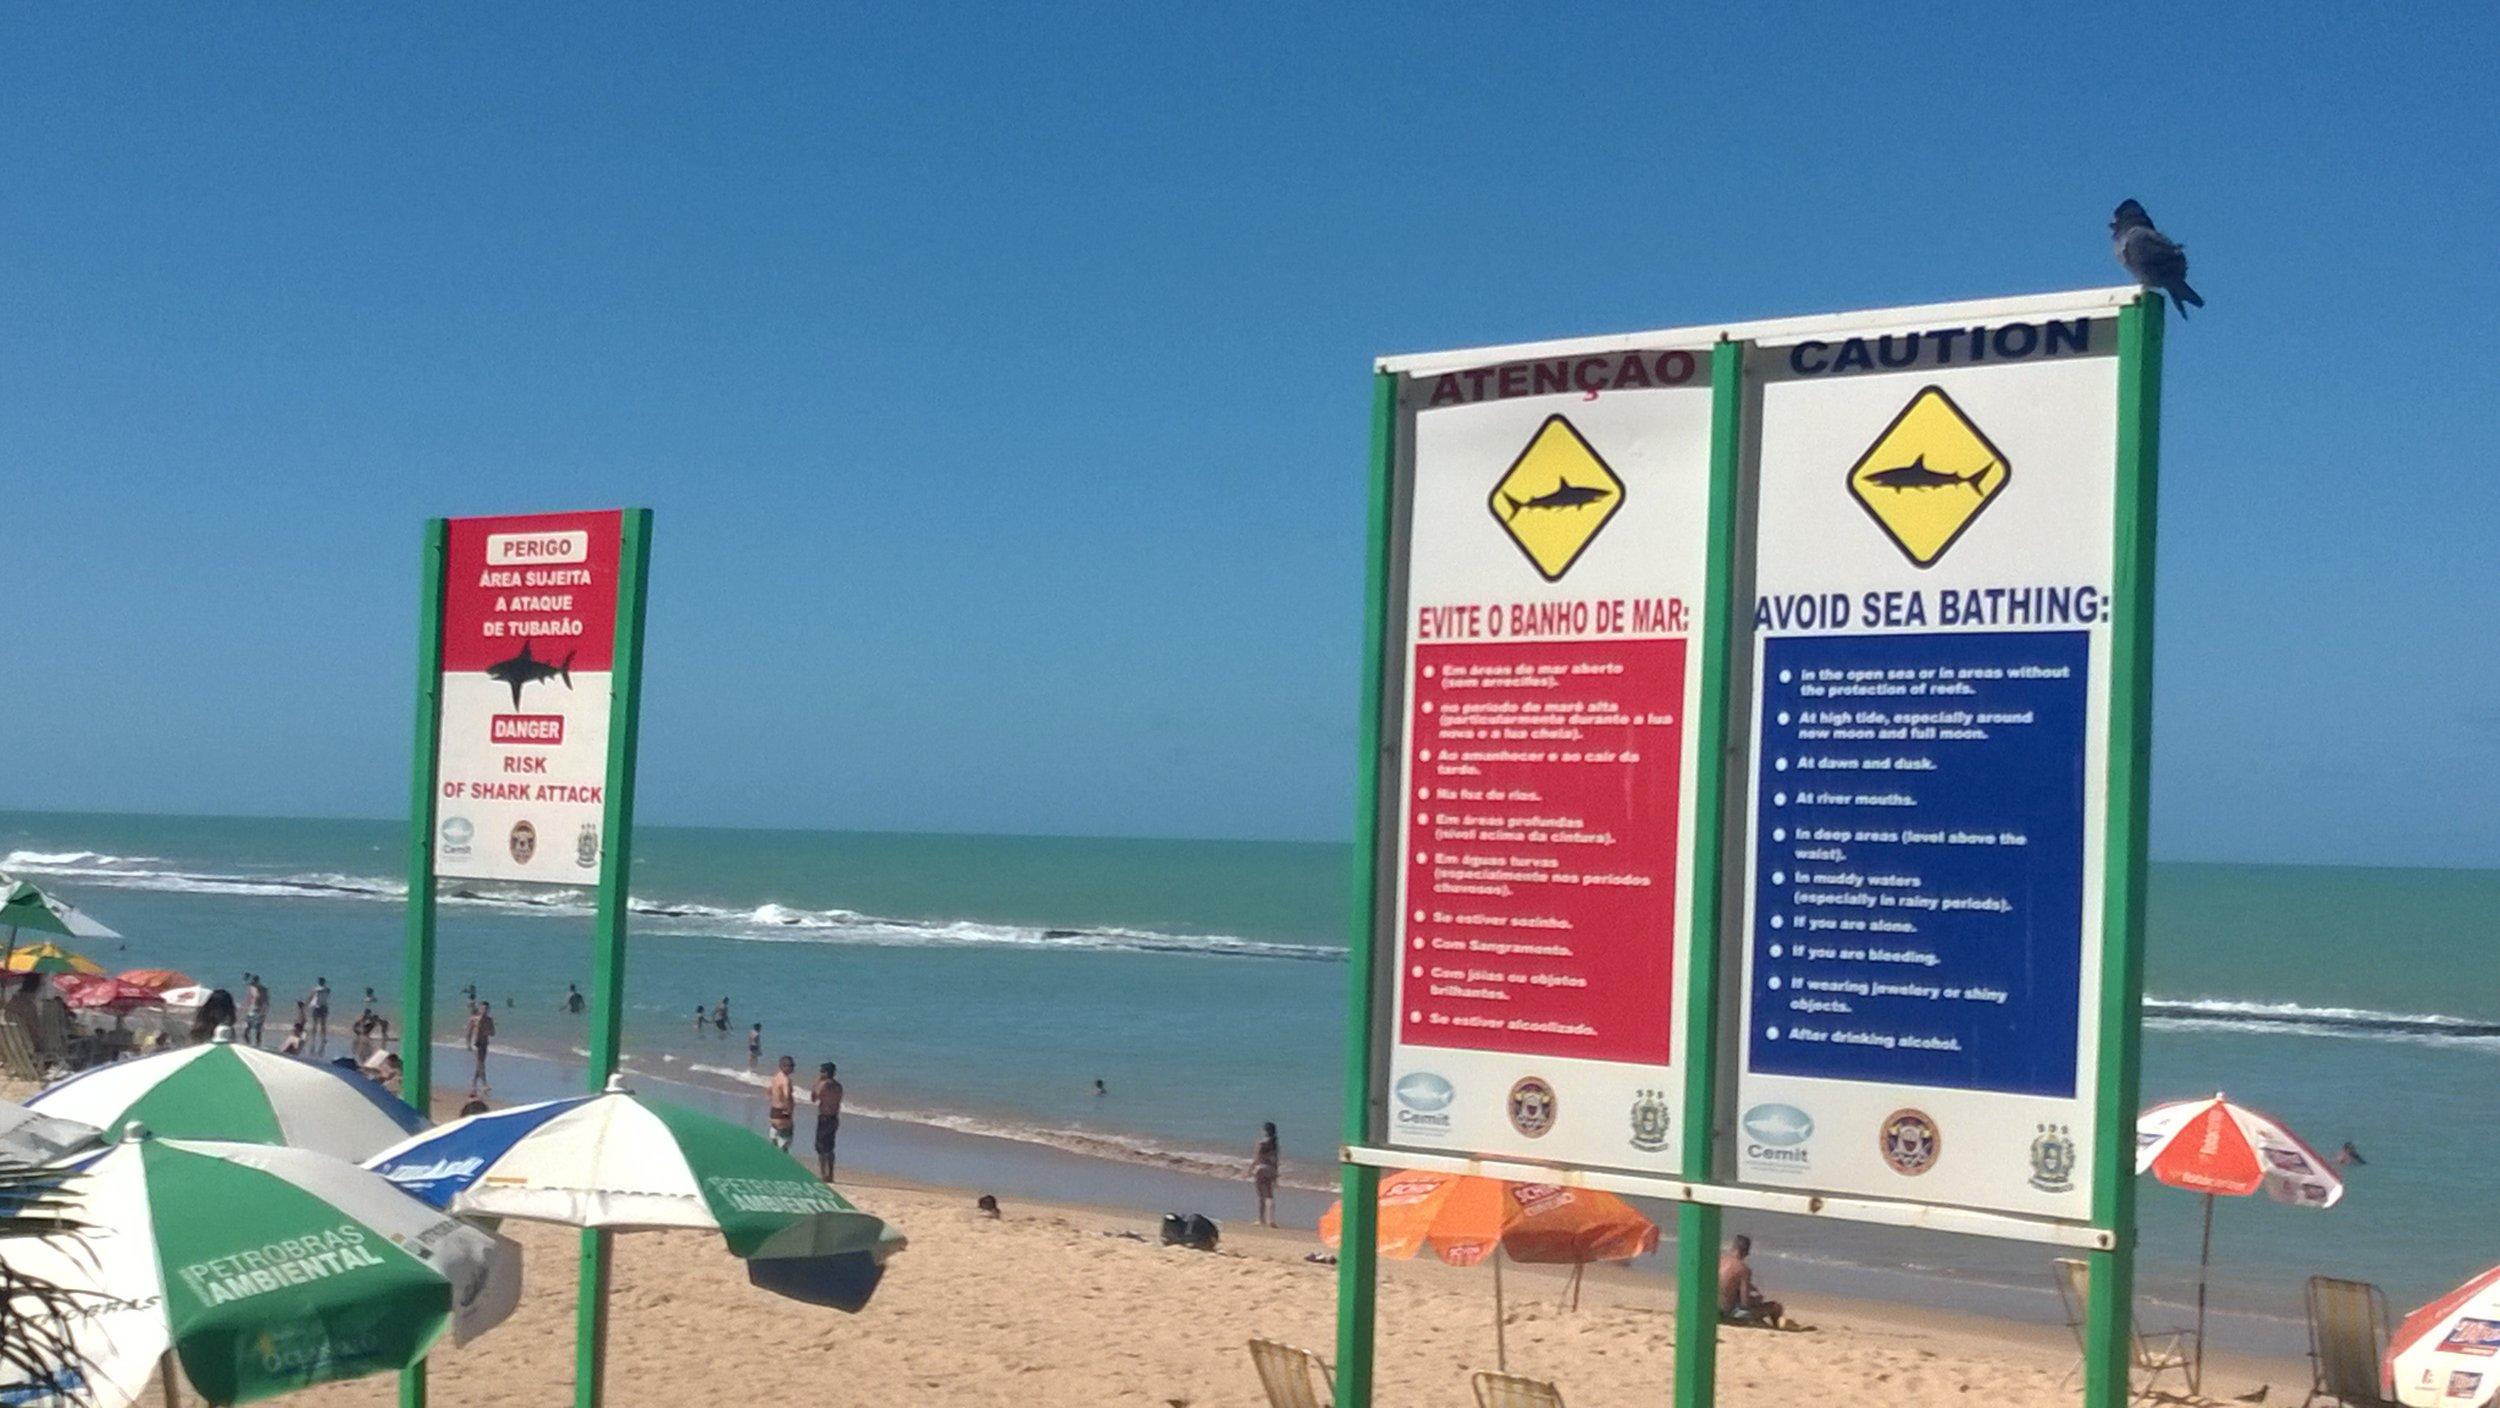 Shark Warnings in Recife